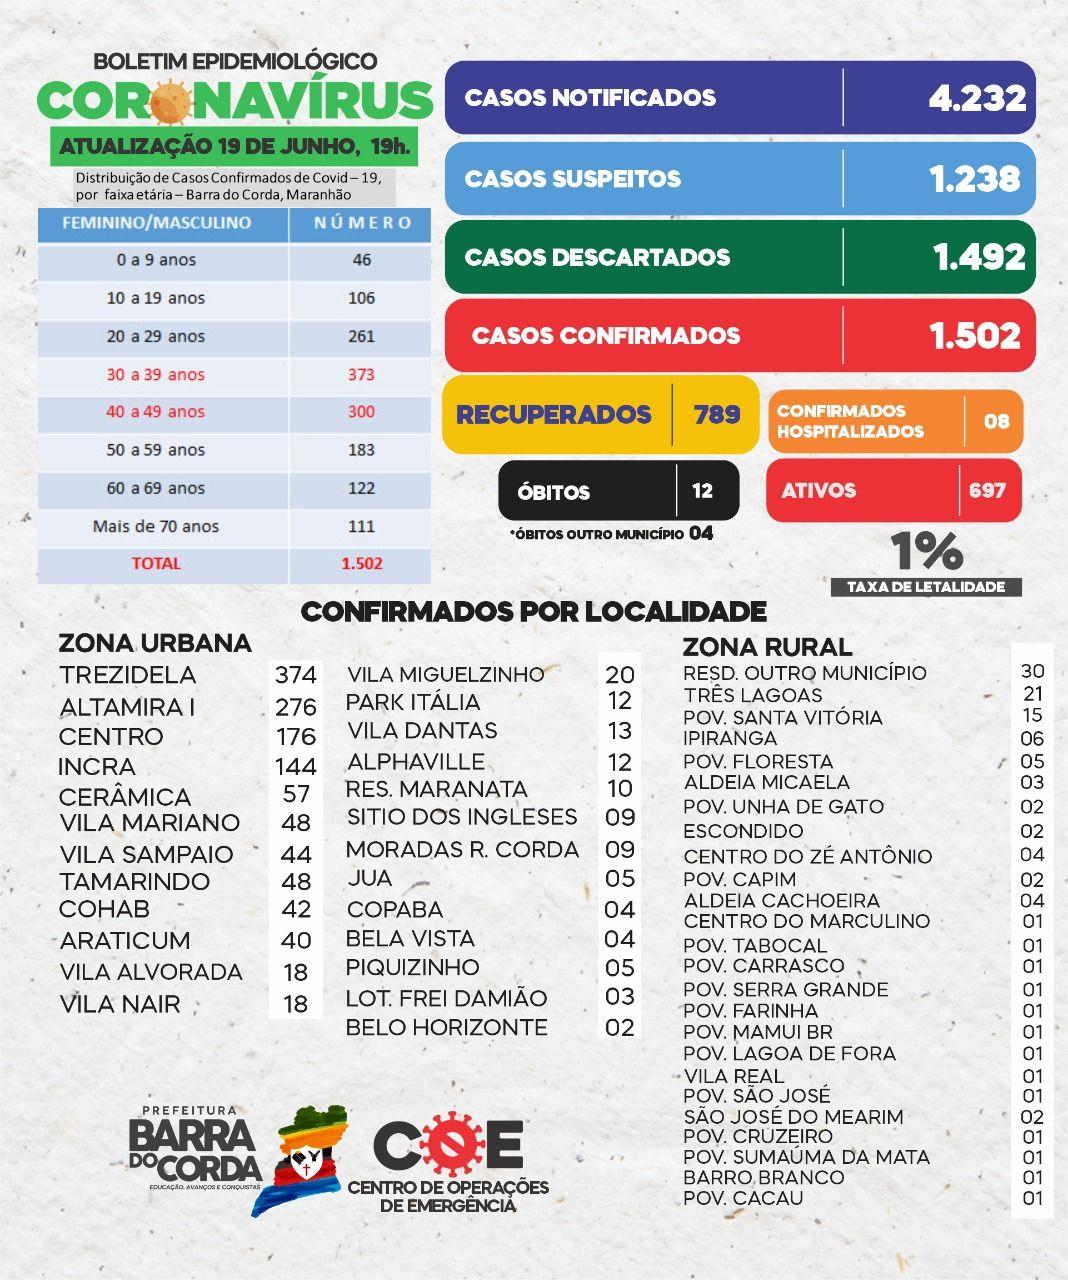 19 DE JUNHO: Barra do Corda chega a triste marca de 1.502 pessoas infectadas por Coronavírus